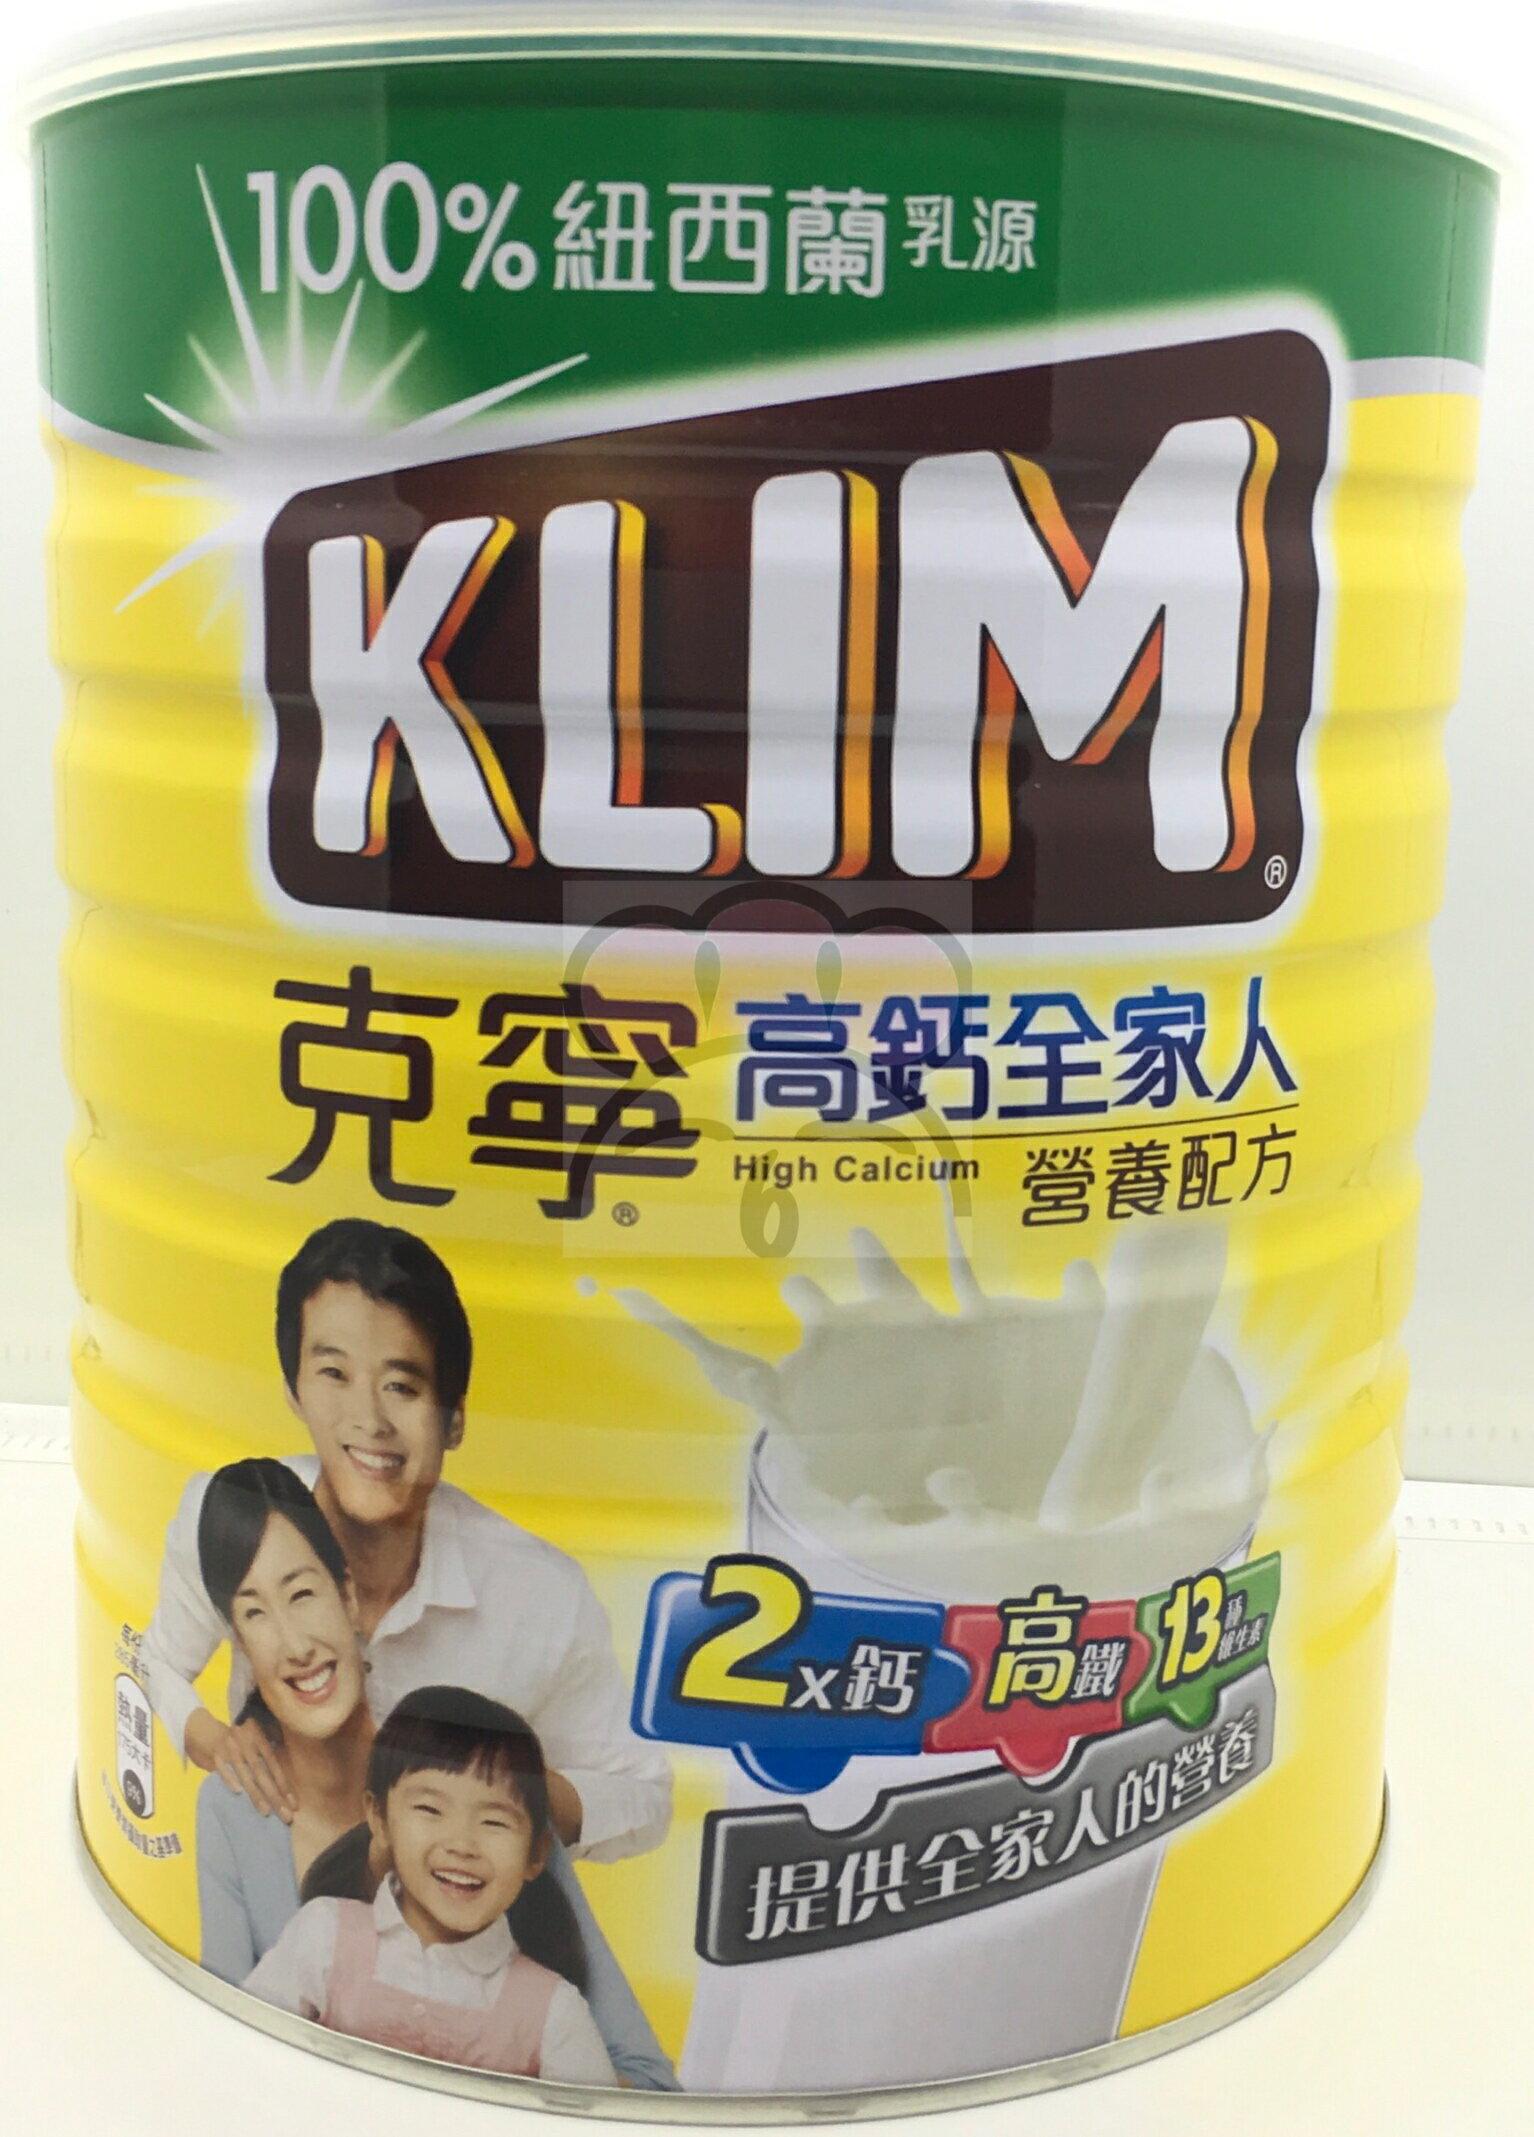 克寧 KLIM 2.3KG 高鈣全家人 全家超商取貨免運